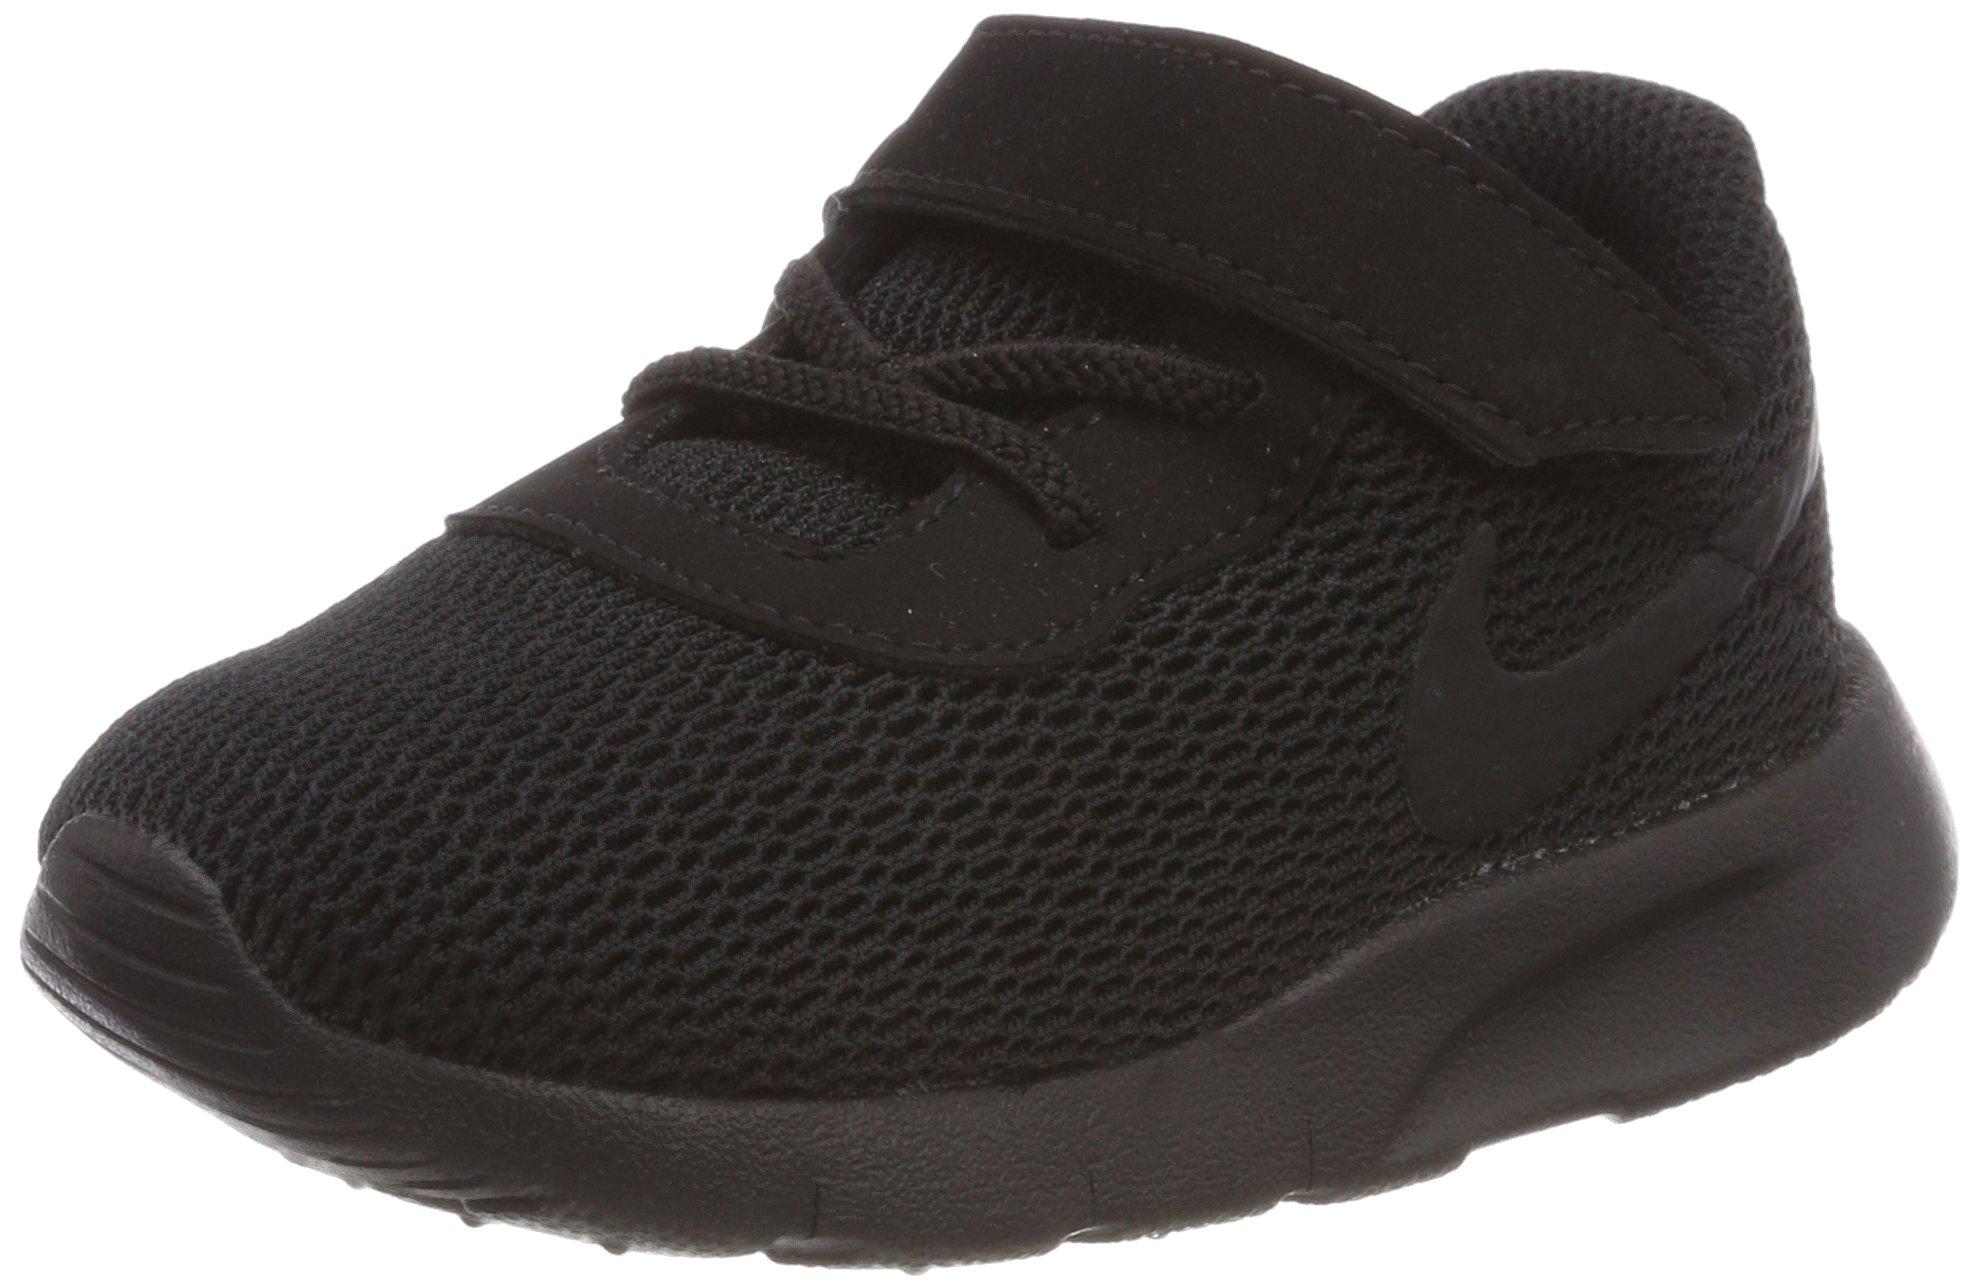 Nike Kid's Tanjun Running Shoe (6 M US Toddler, Black/Black) by Nike (Image #1)